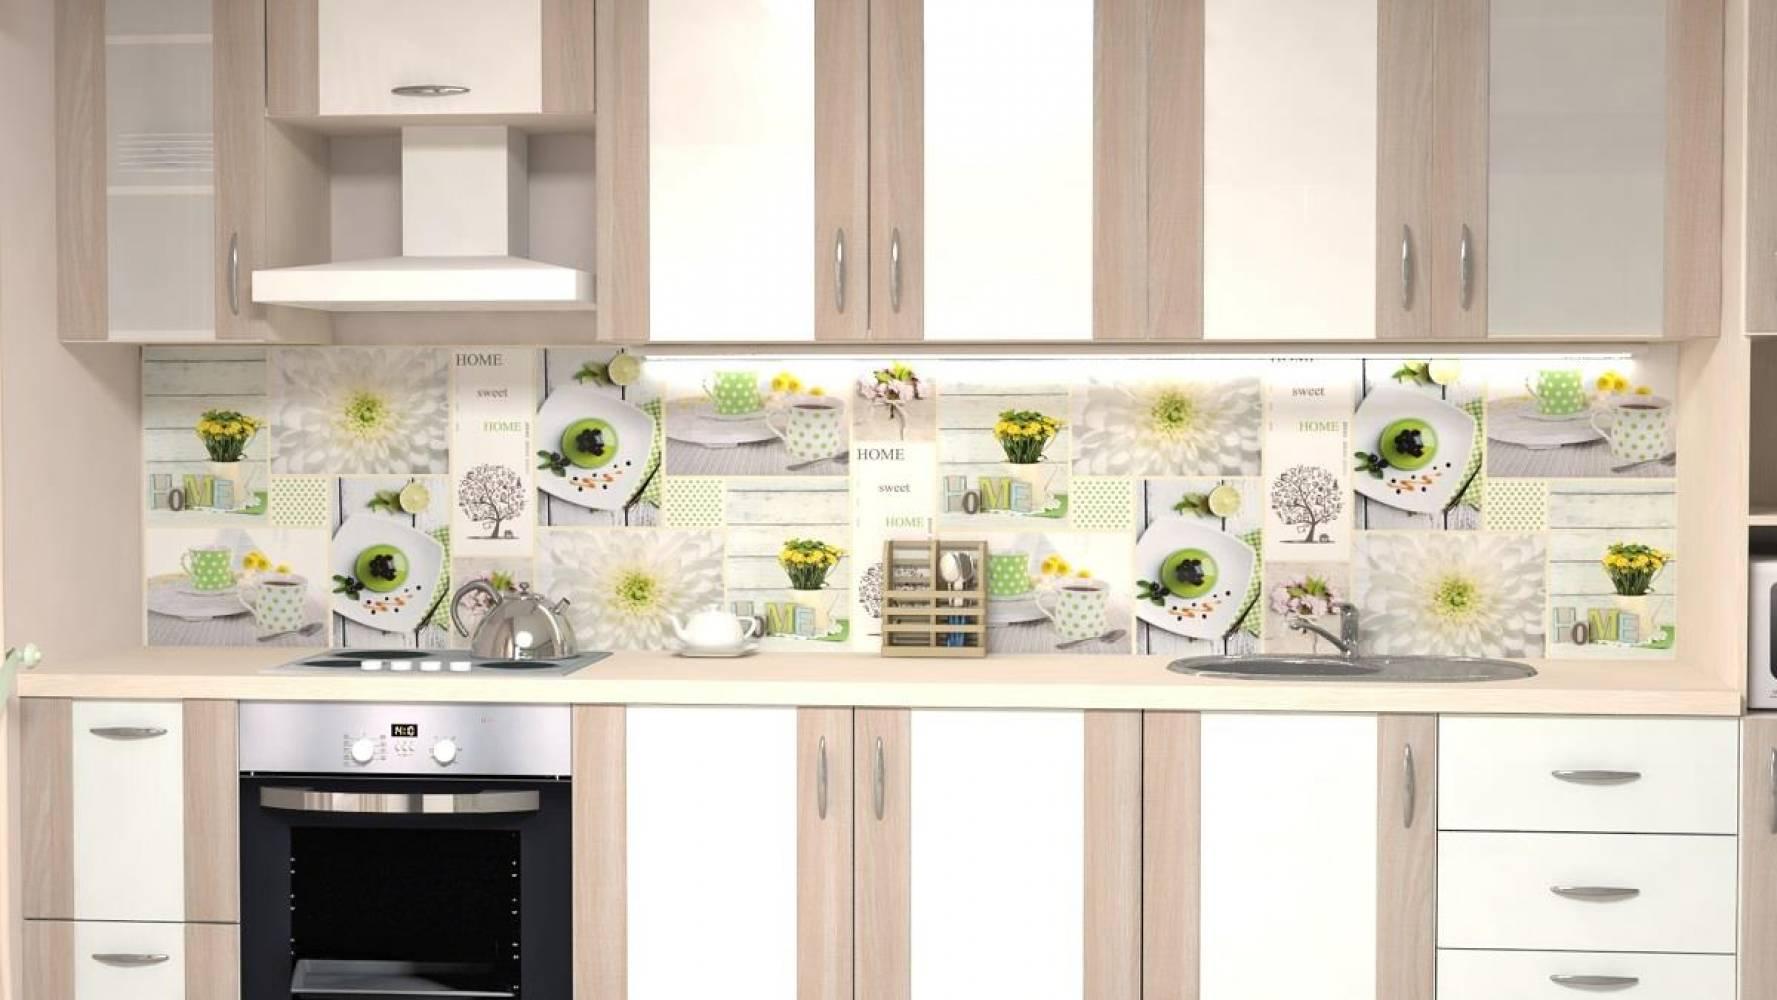 Кухонная панель F-05 Домашний десерт Глянцевая ALDIO